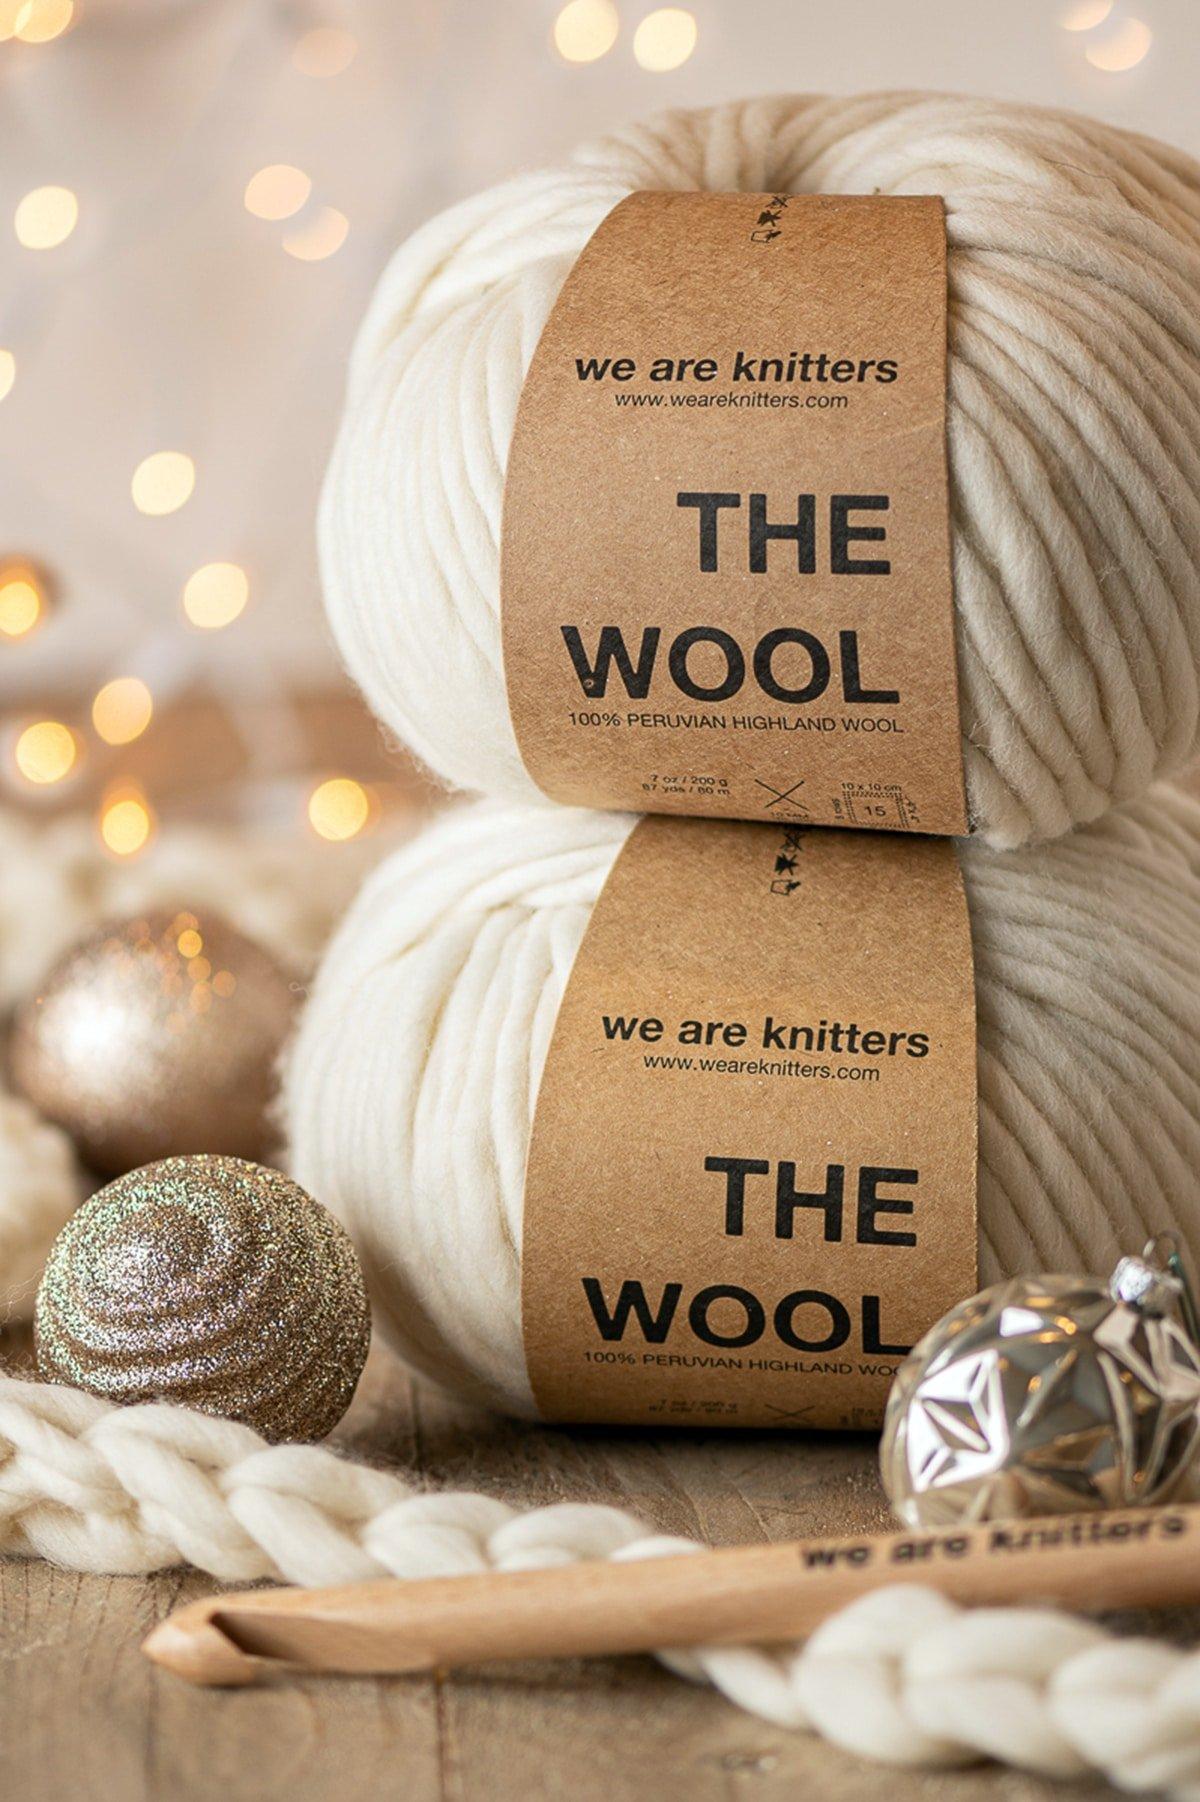 Zwei Stränge cremefarbener Wolle übereinander gestapelt, umgeben von Weihnachtsornamenten, einer hölzernen Häkelnadel und gelben funkelnden Lichtern im Hintergrund.